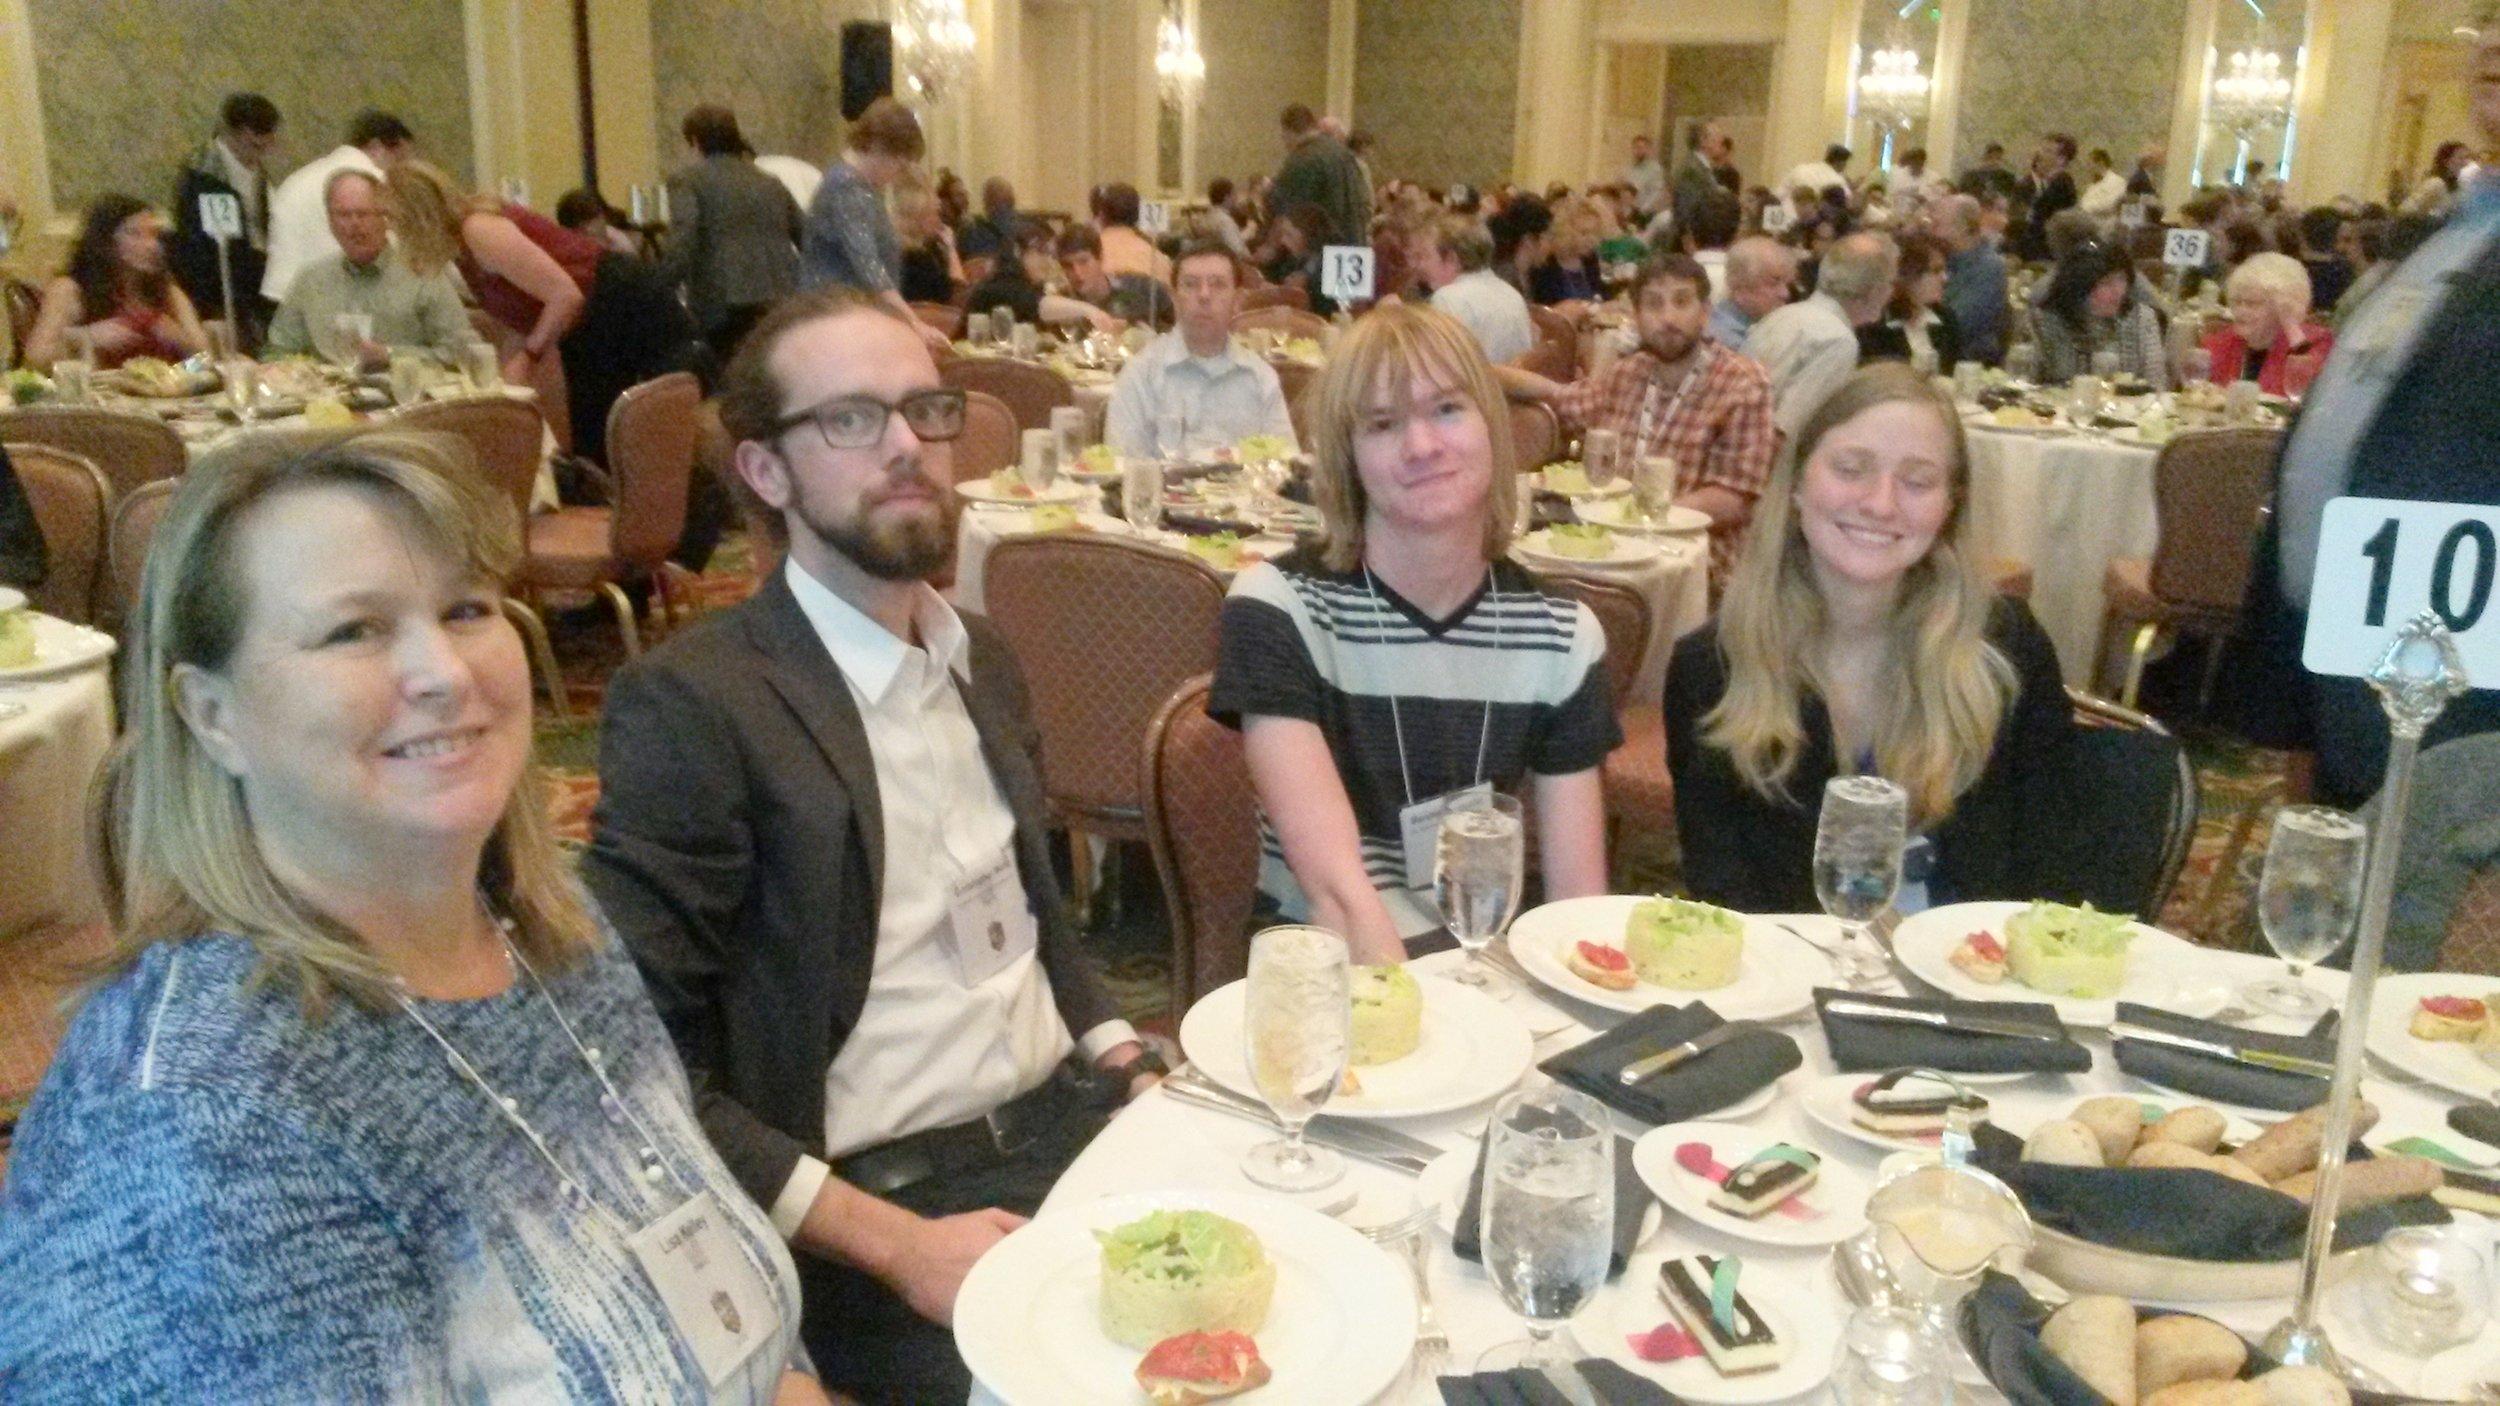 SVP Award Banquet